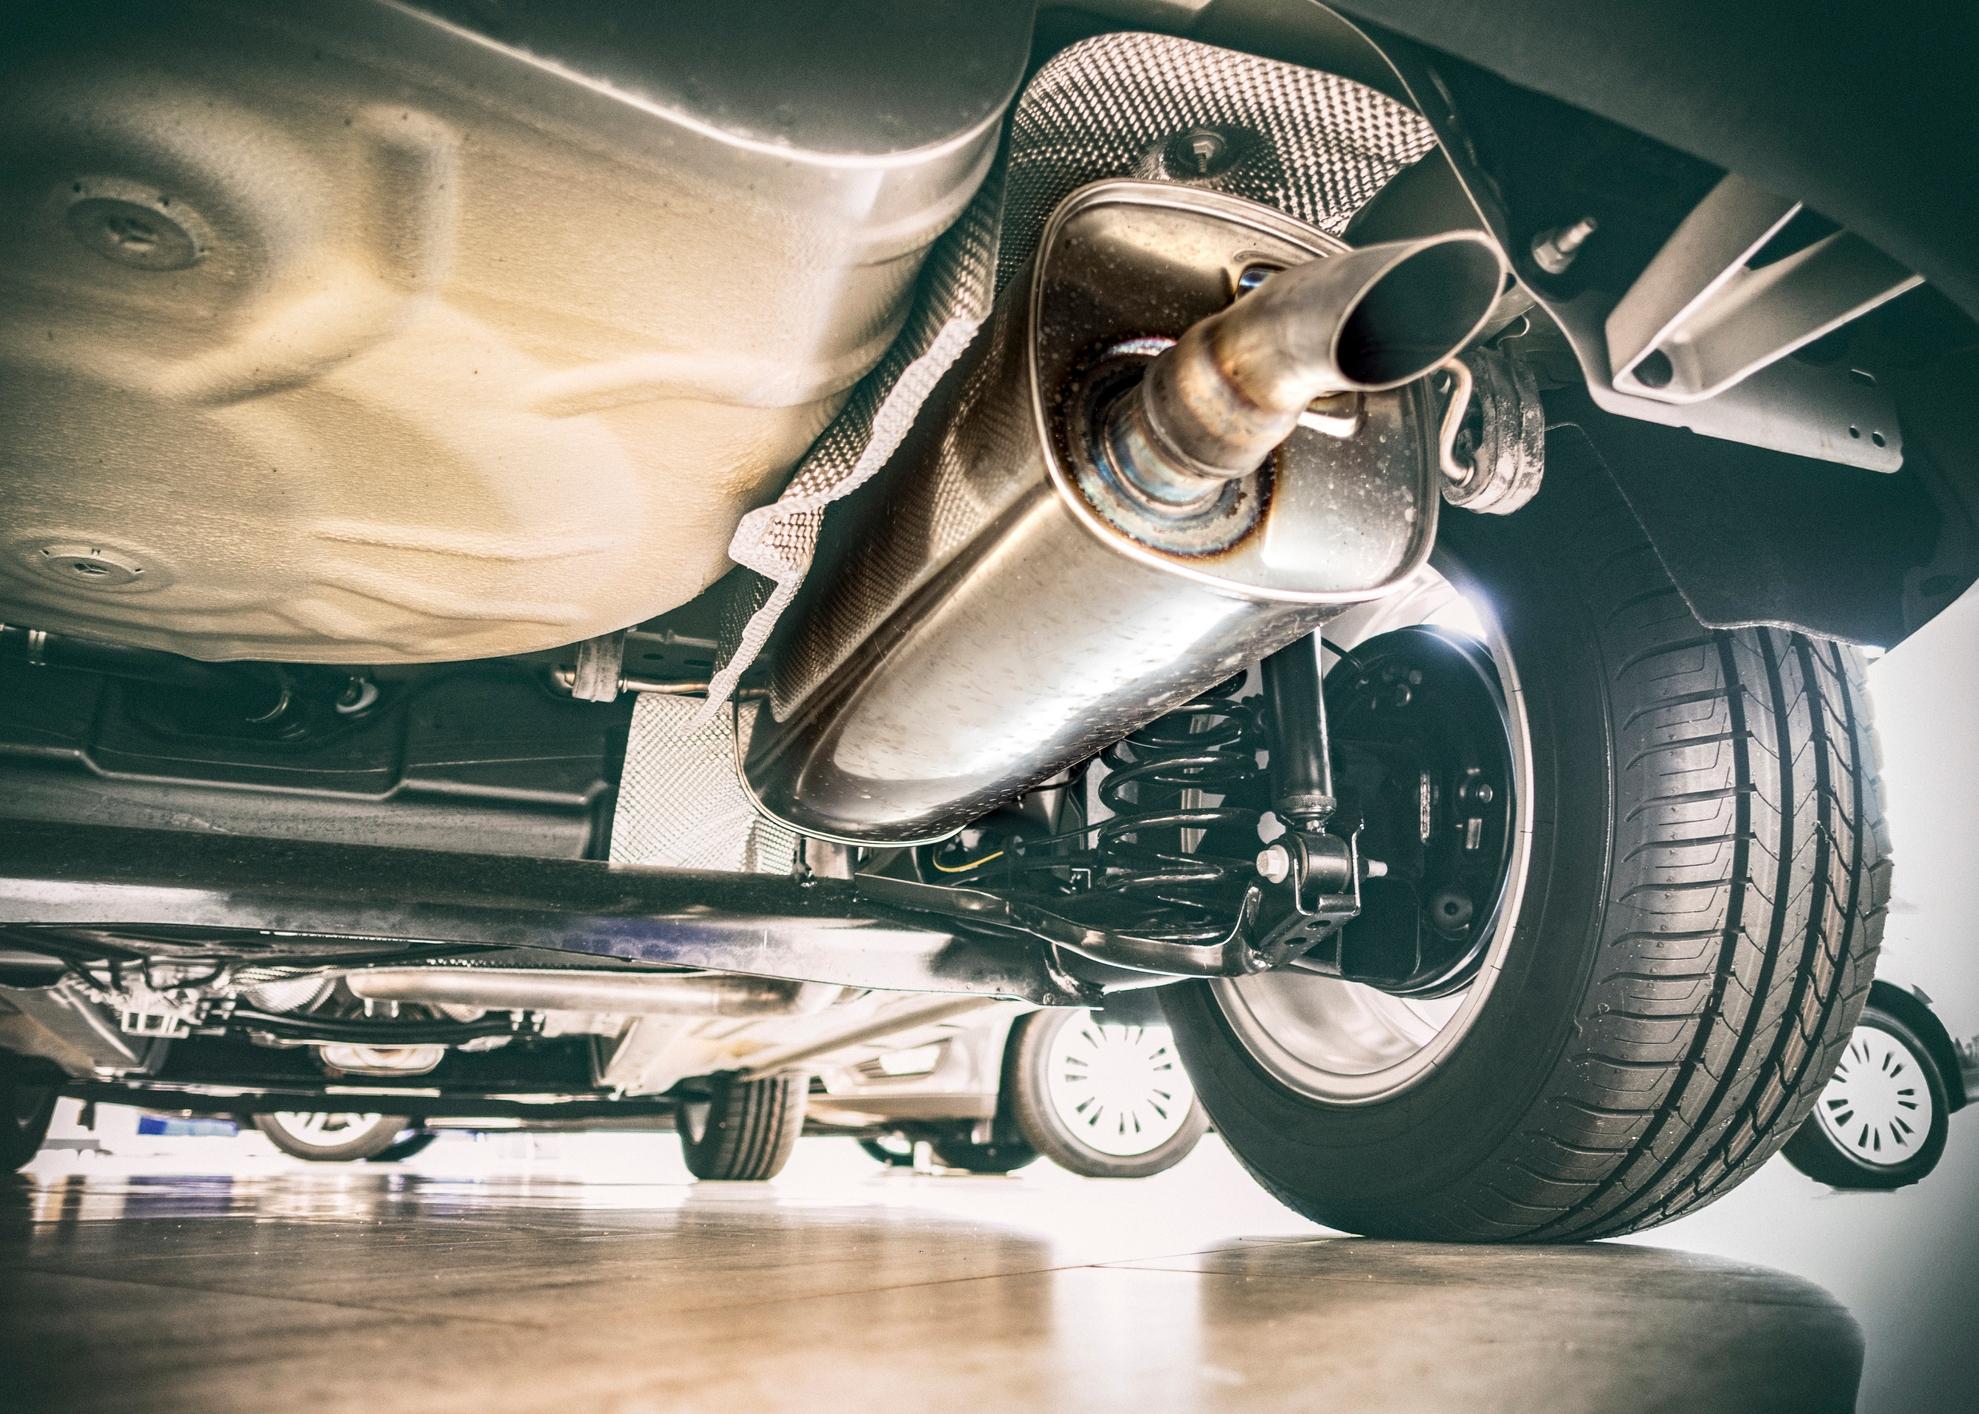 filtro de partículas carro